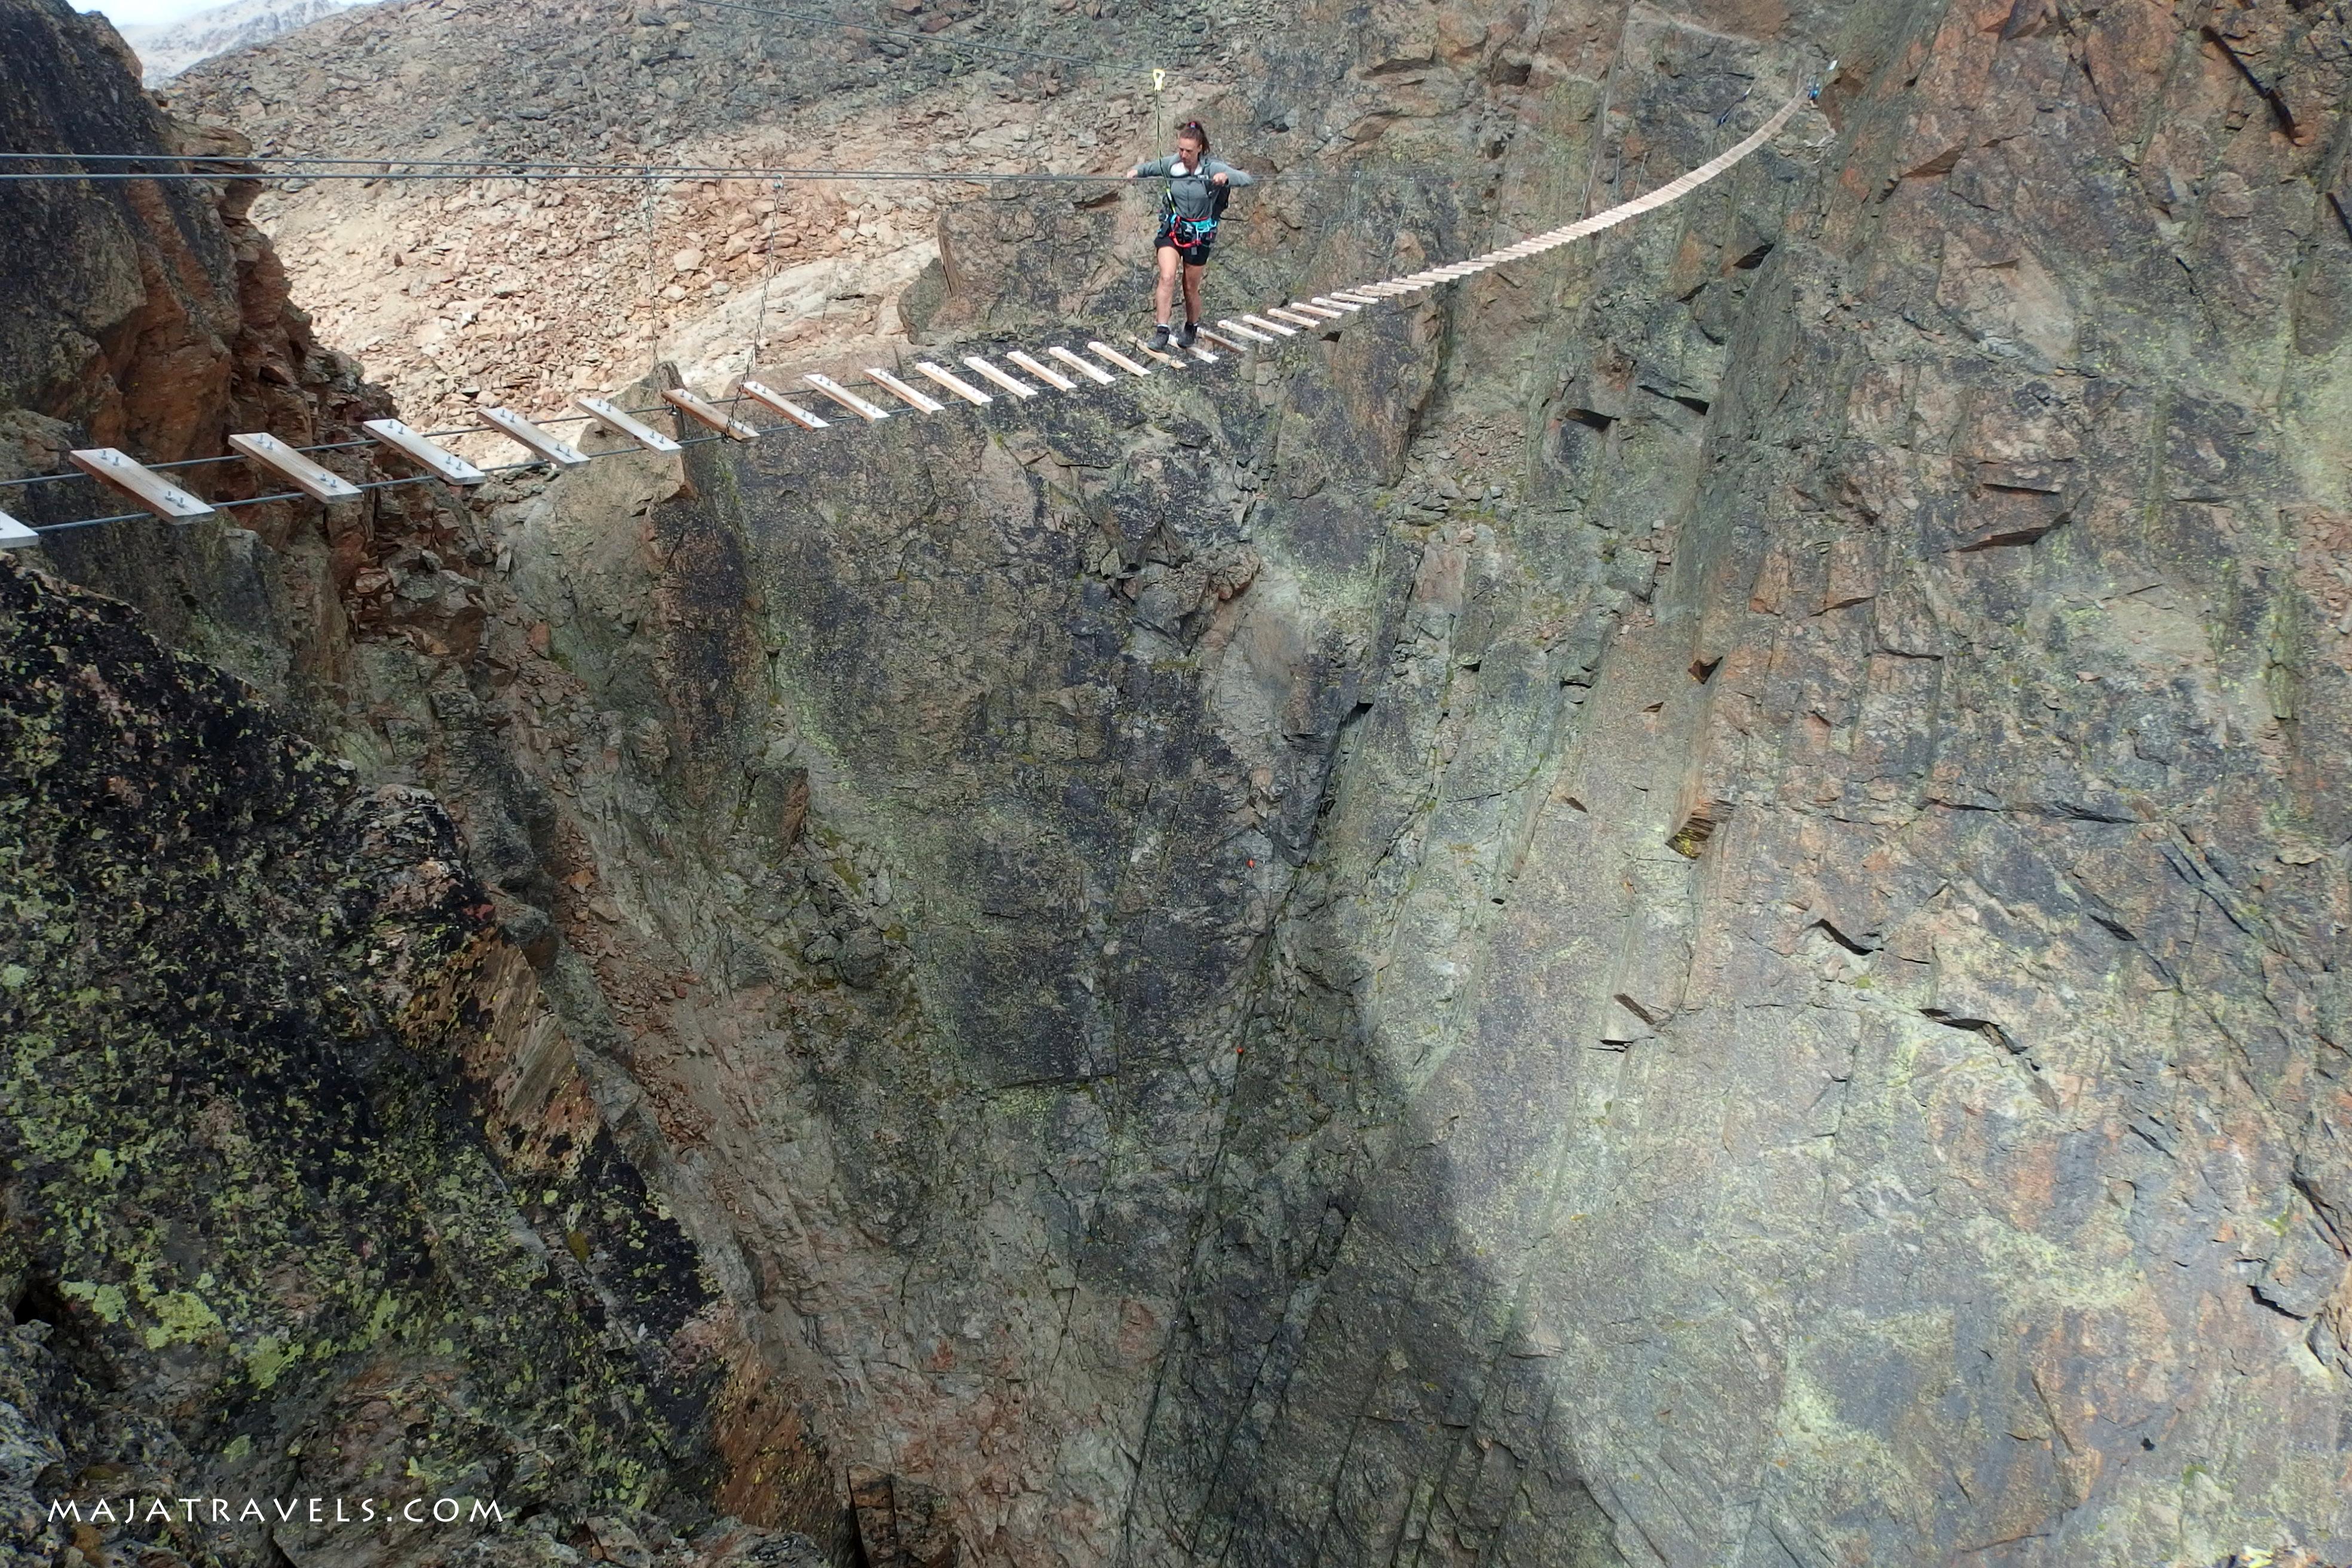 Klettersteig Jegihorn : Jägihorn u2013 via ferrata with the coolest bridge switzerland